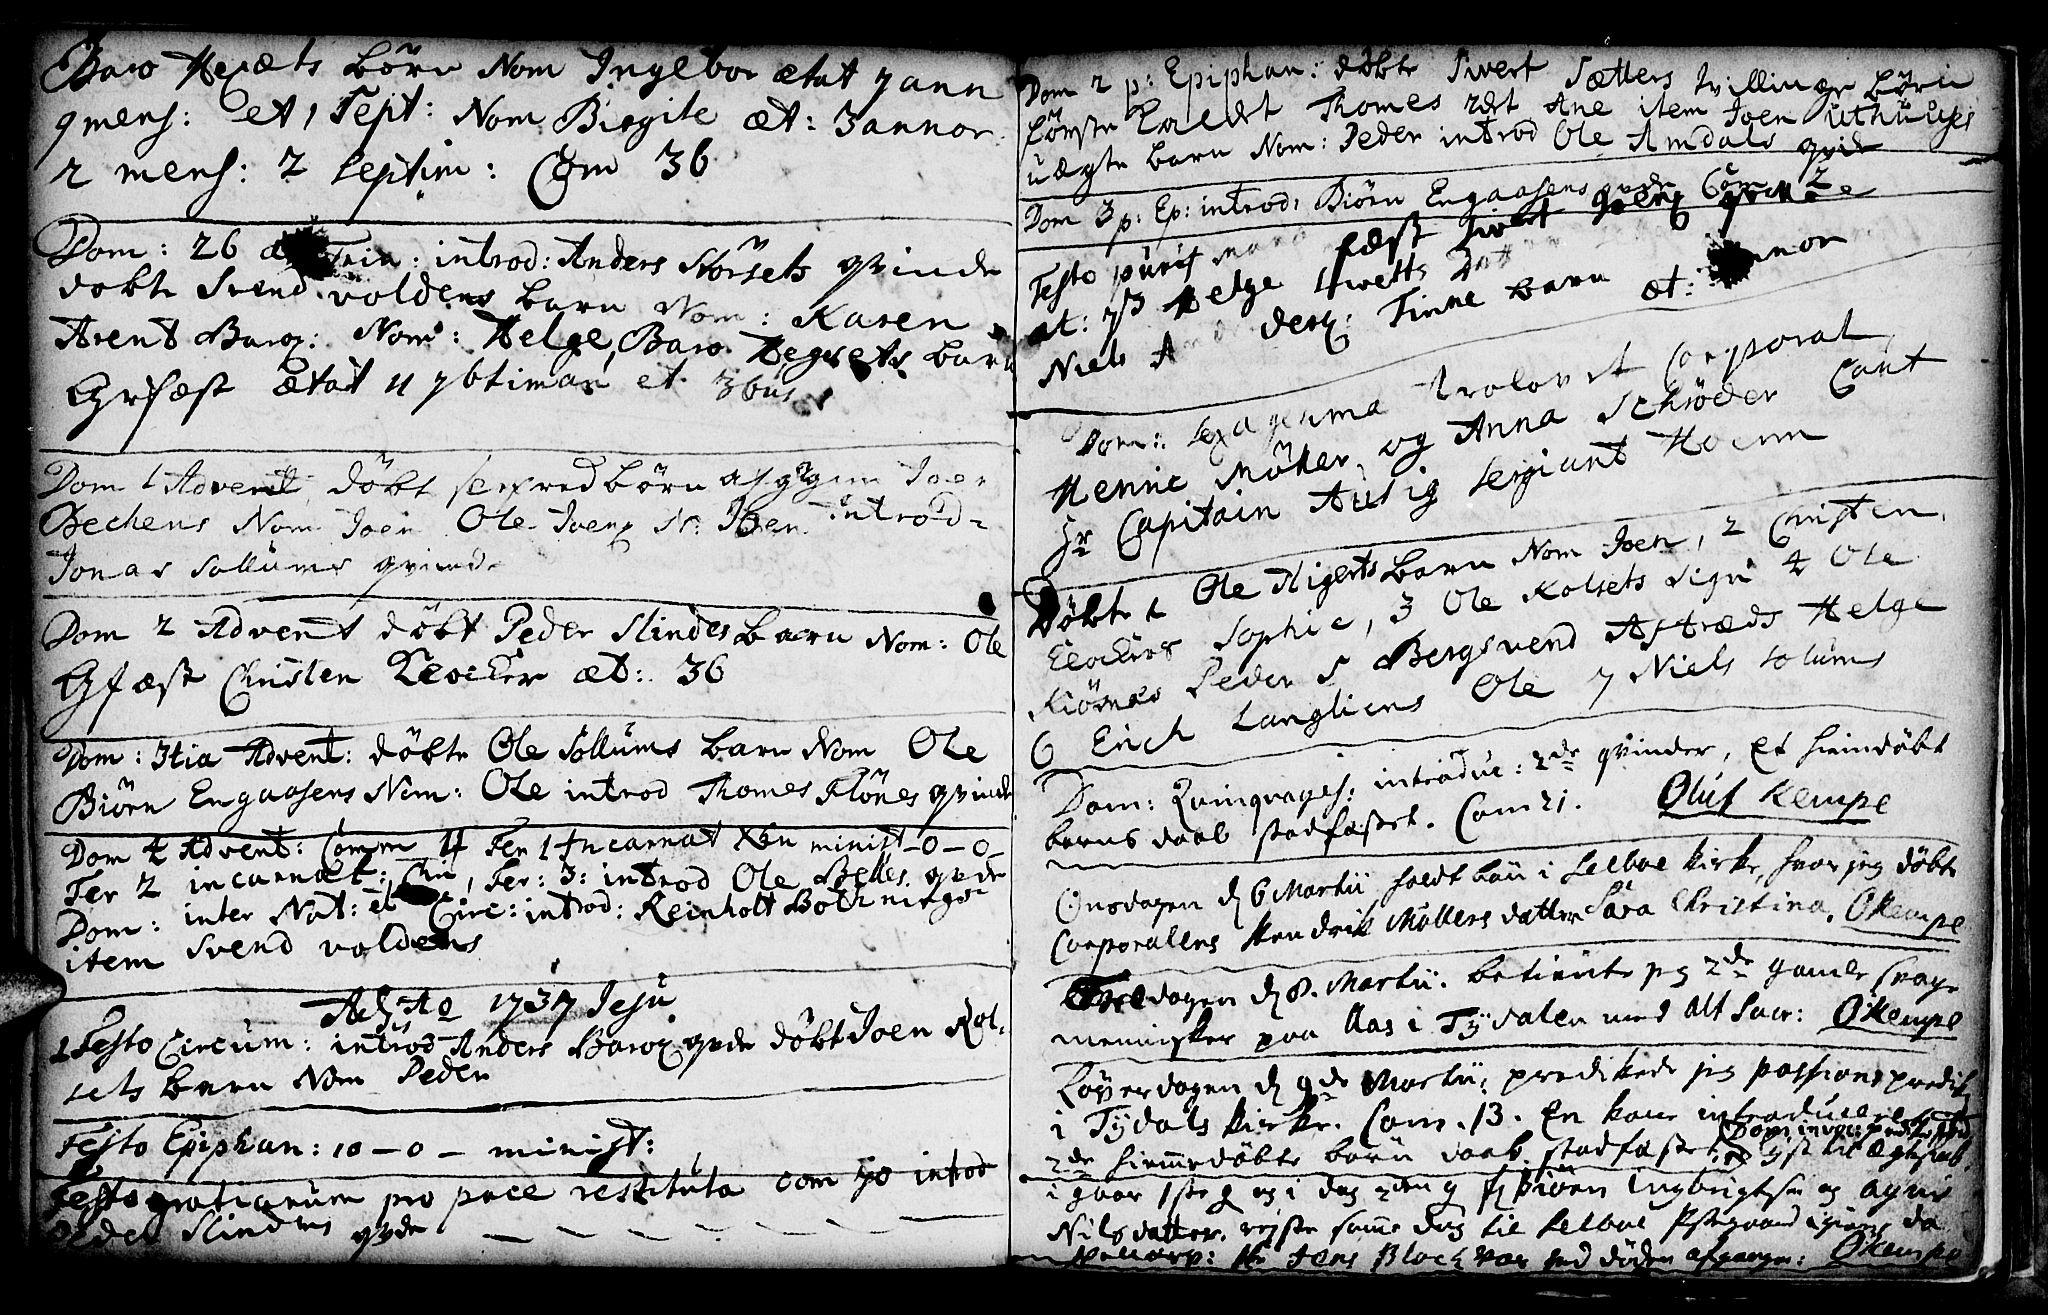 SAT, Ministerialprotokoller, klokkerbøker og fødselsregistre - Sør-Trøndelag, 695/L1137: Parish register (official) no. 695A01, 1699-1737